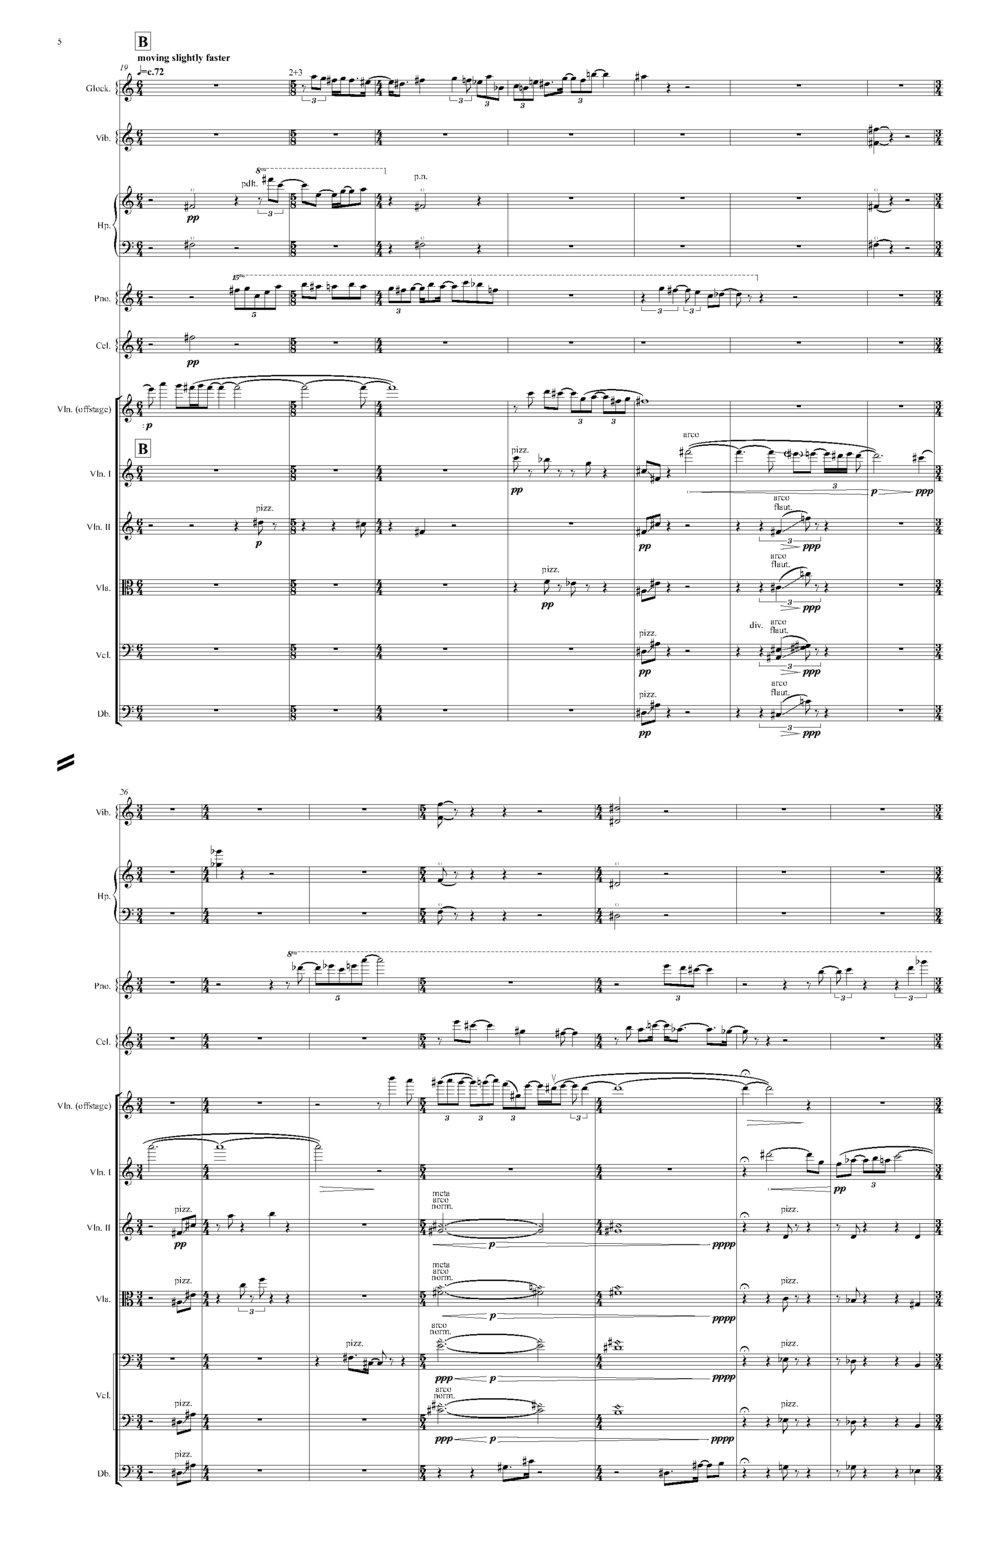 Kolmanskop 4-4-17 score - Full Score_Seite_08.jpg